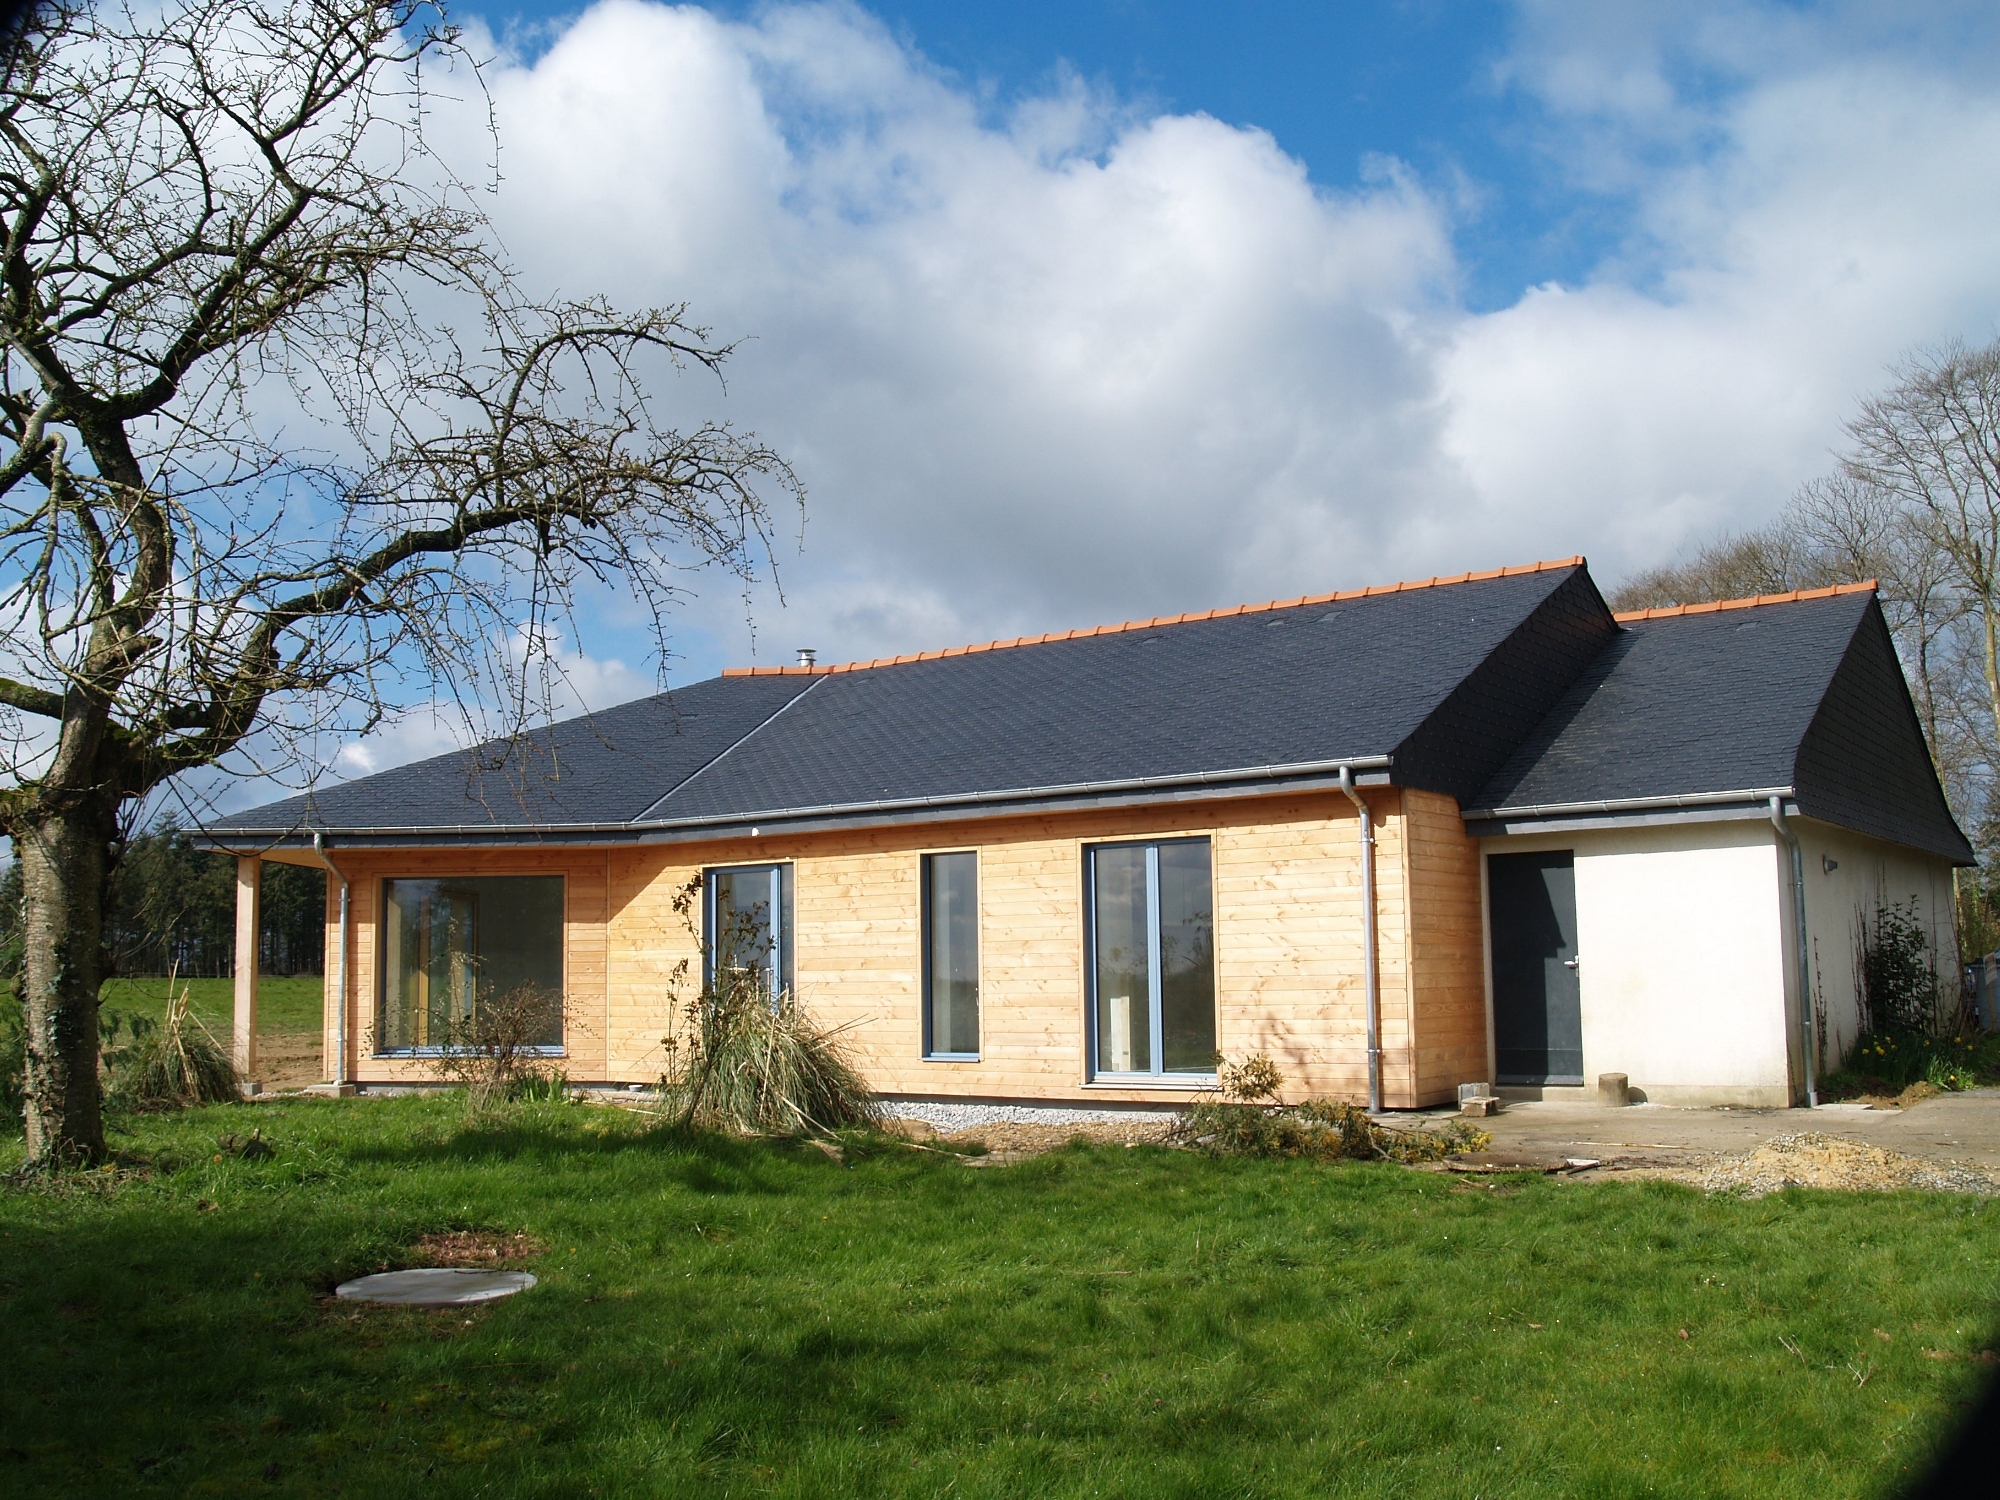 R novation thermique 2012 2013 atelier architecture verte - Architecture des annees 80 ...